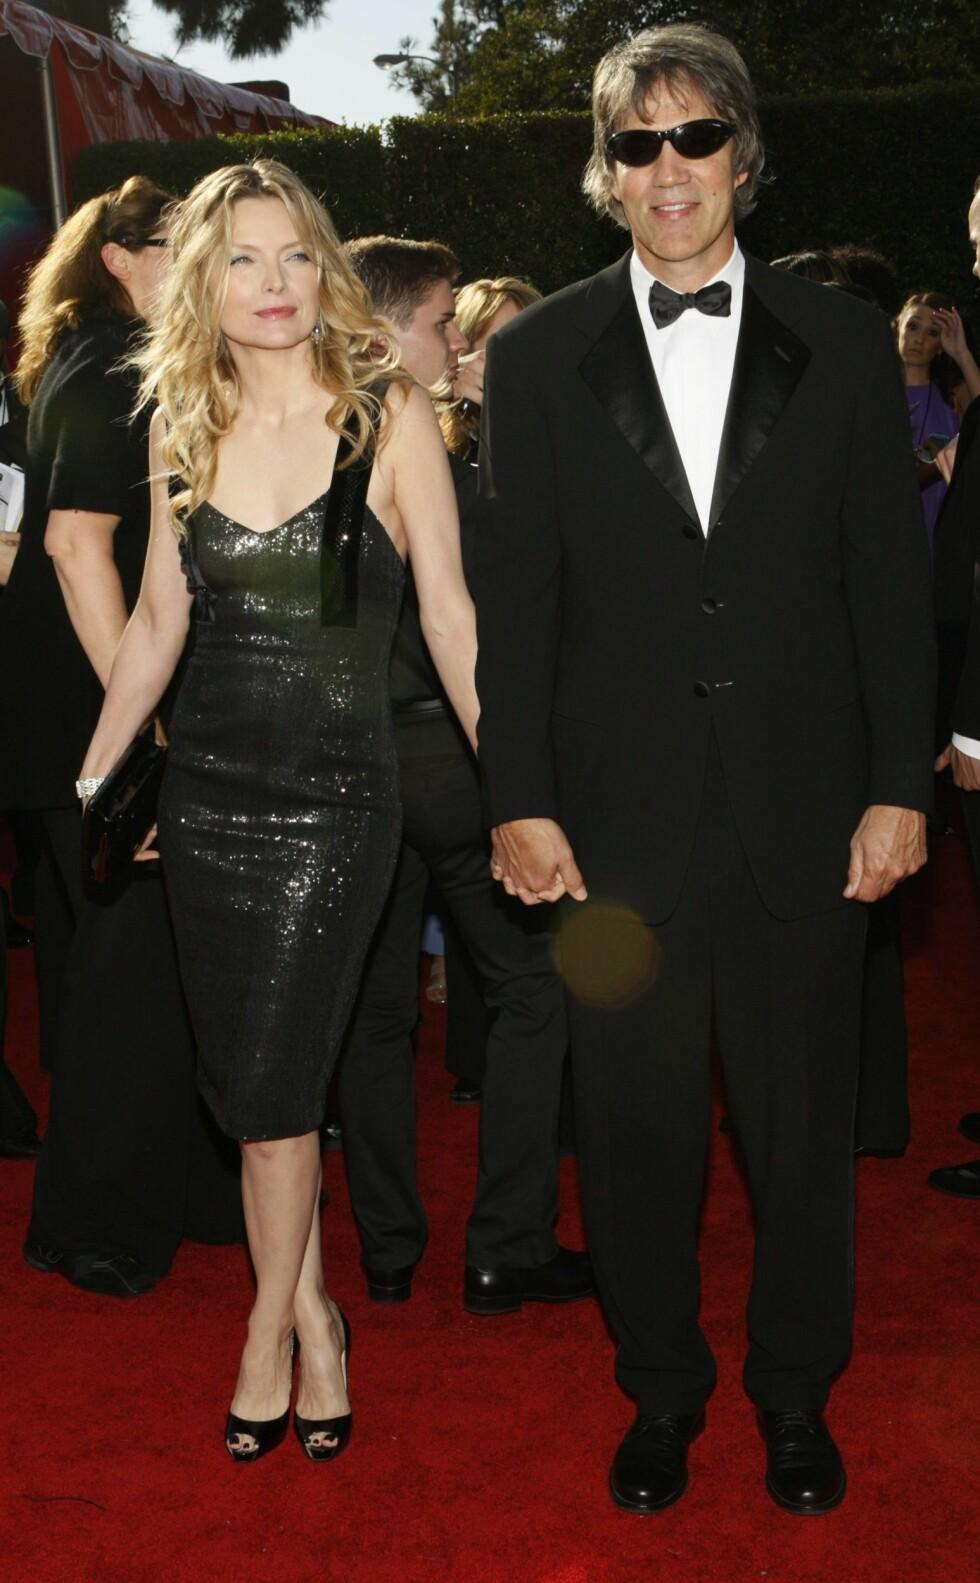 TRIVES GODT SAMMEN: Michelle Pfeiffer og David E. Kelly har levd lykkelig sammen som ektepar i 22 år. Foto: REUTERS